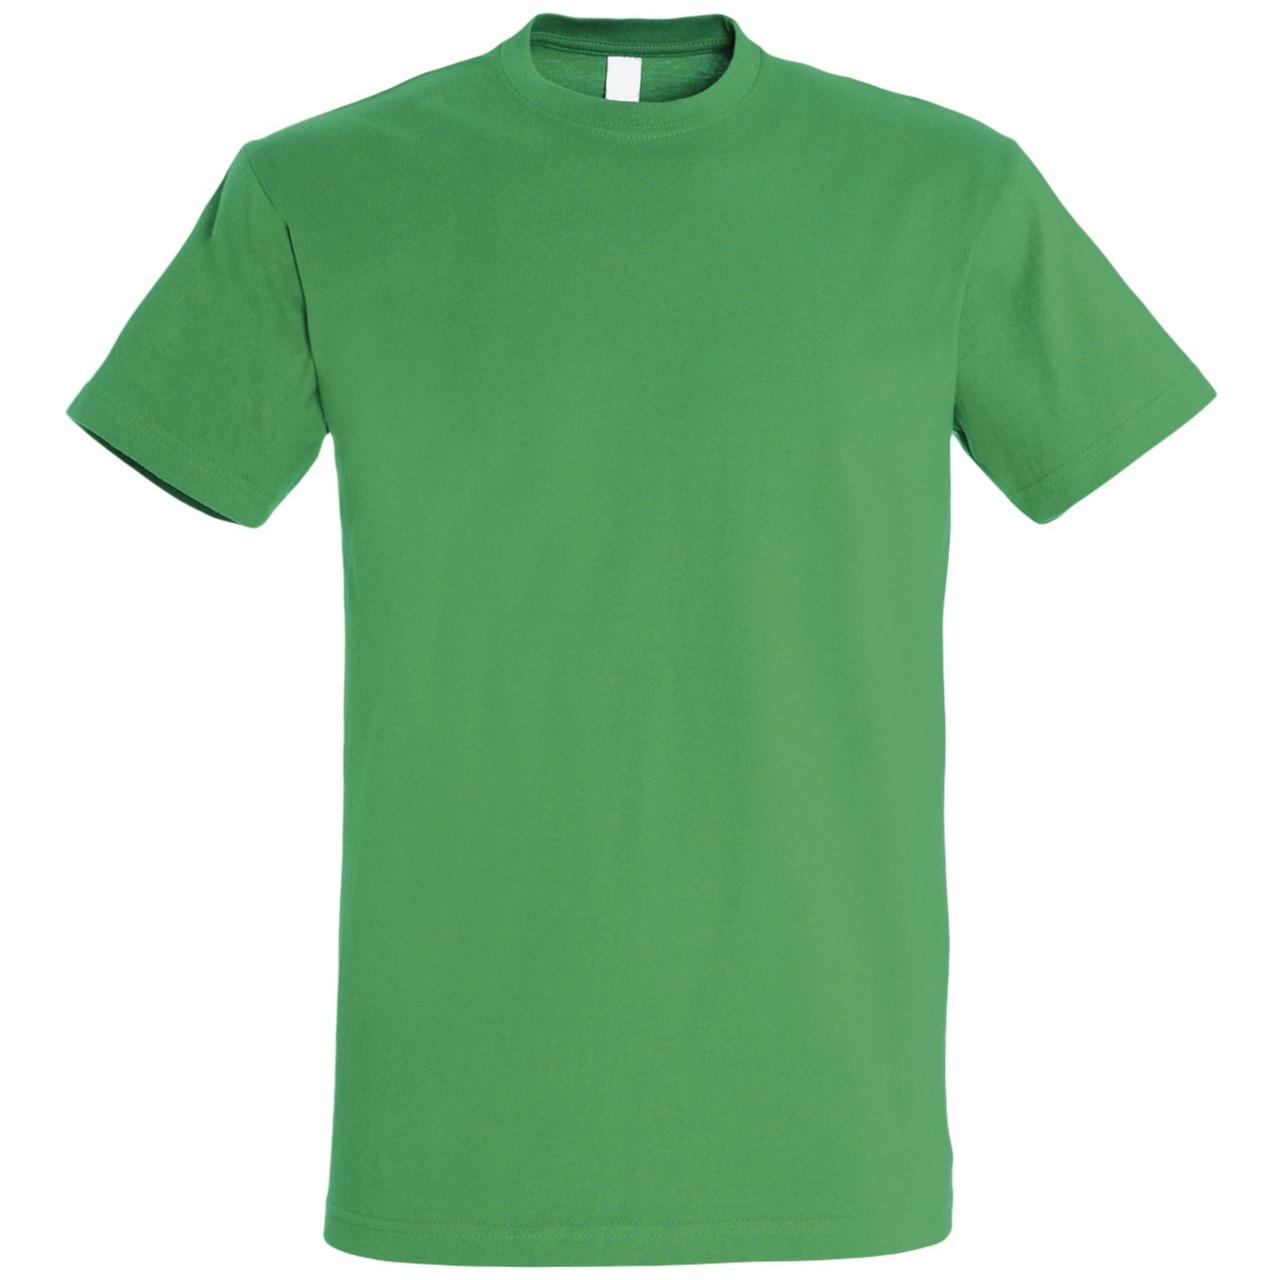 Oднотонная футболка | Зеленая | 160 гр. | M